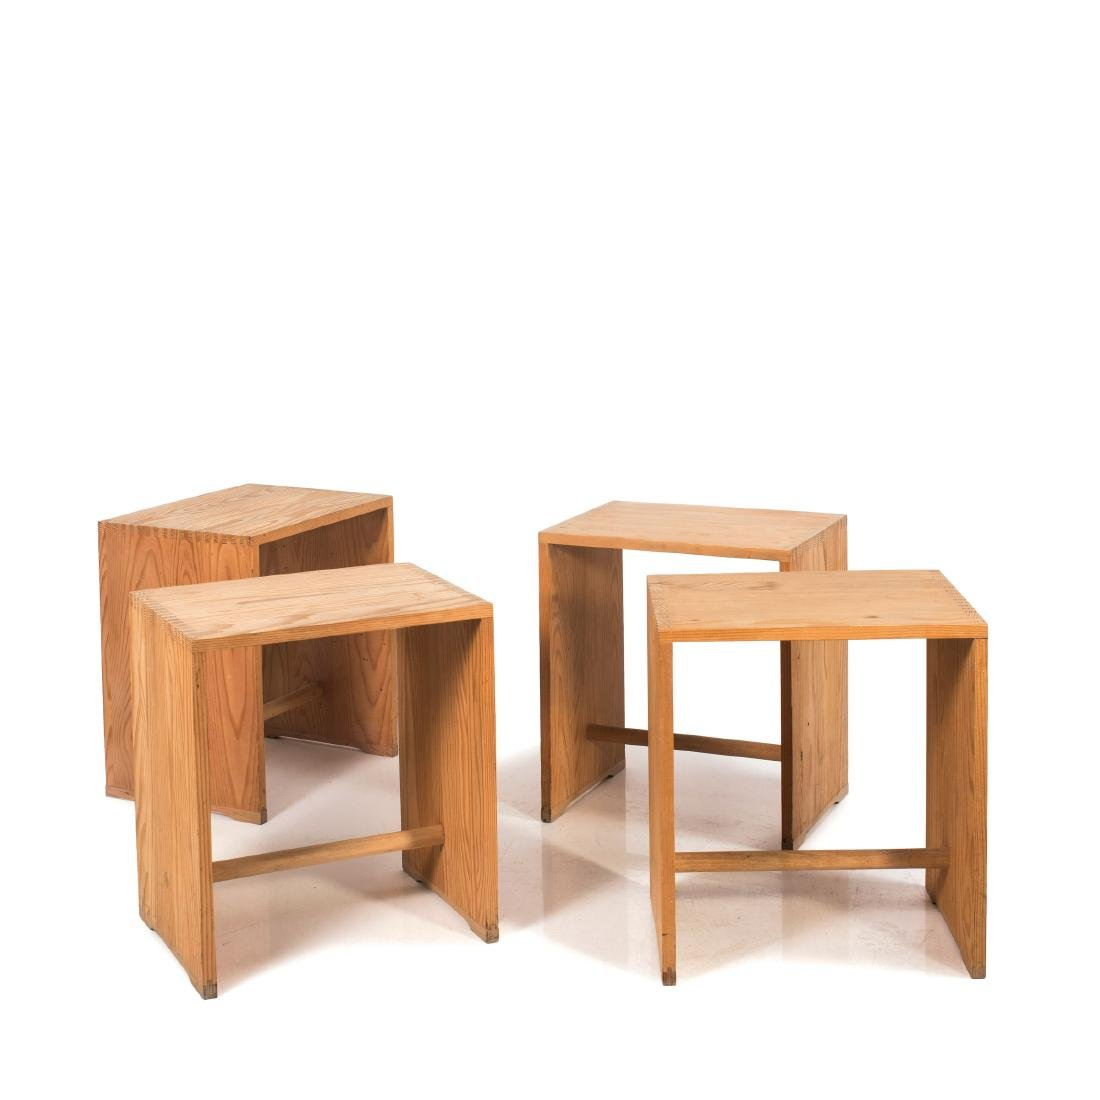 Four 'Ulm stools', 1953